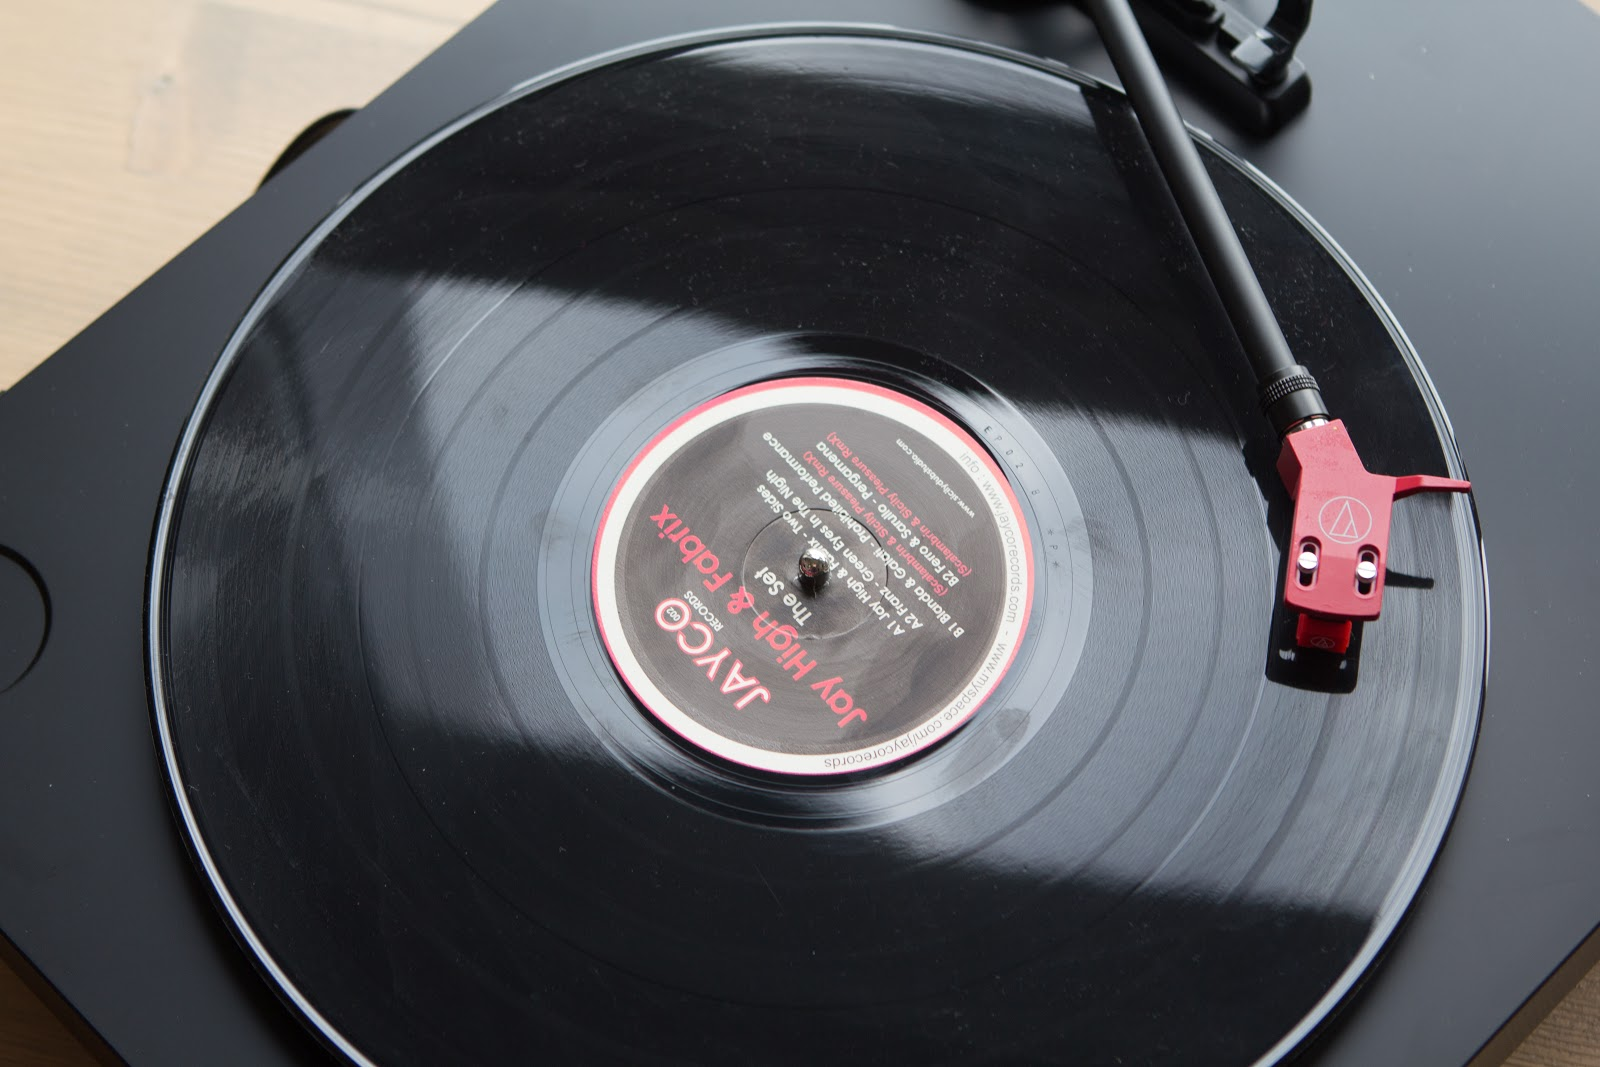 Господа, крутите винилы: проигрыватель Audio-Technica AT-LP3 - 21